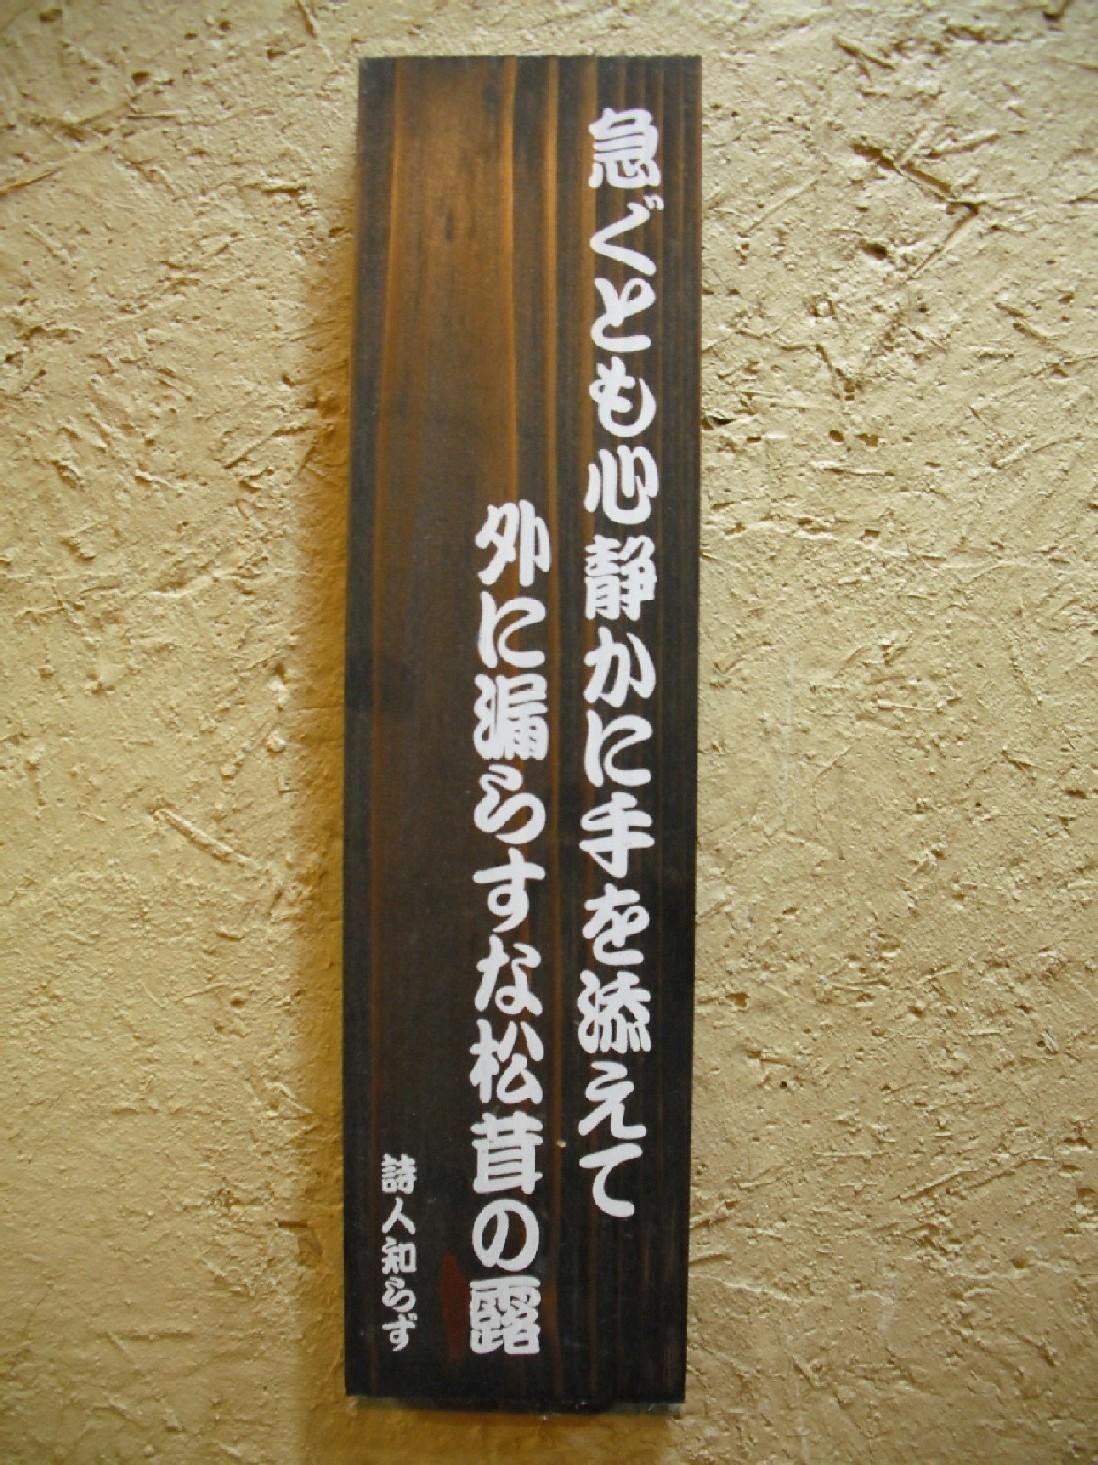 松茸の露!?_e0160569_2050353.jpg